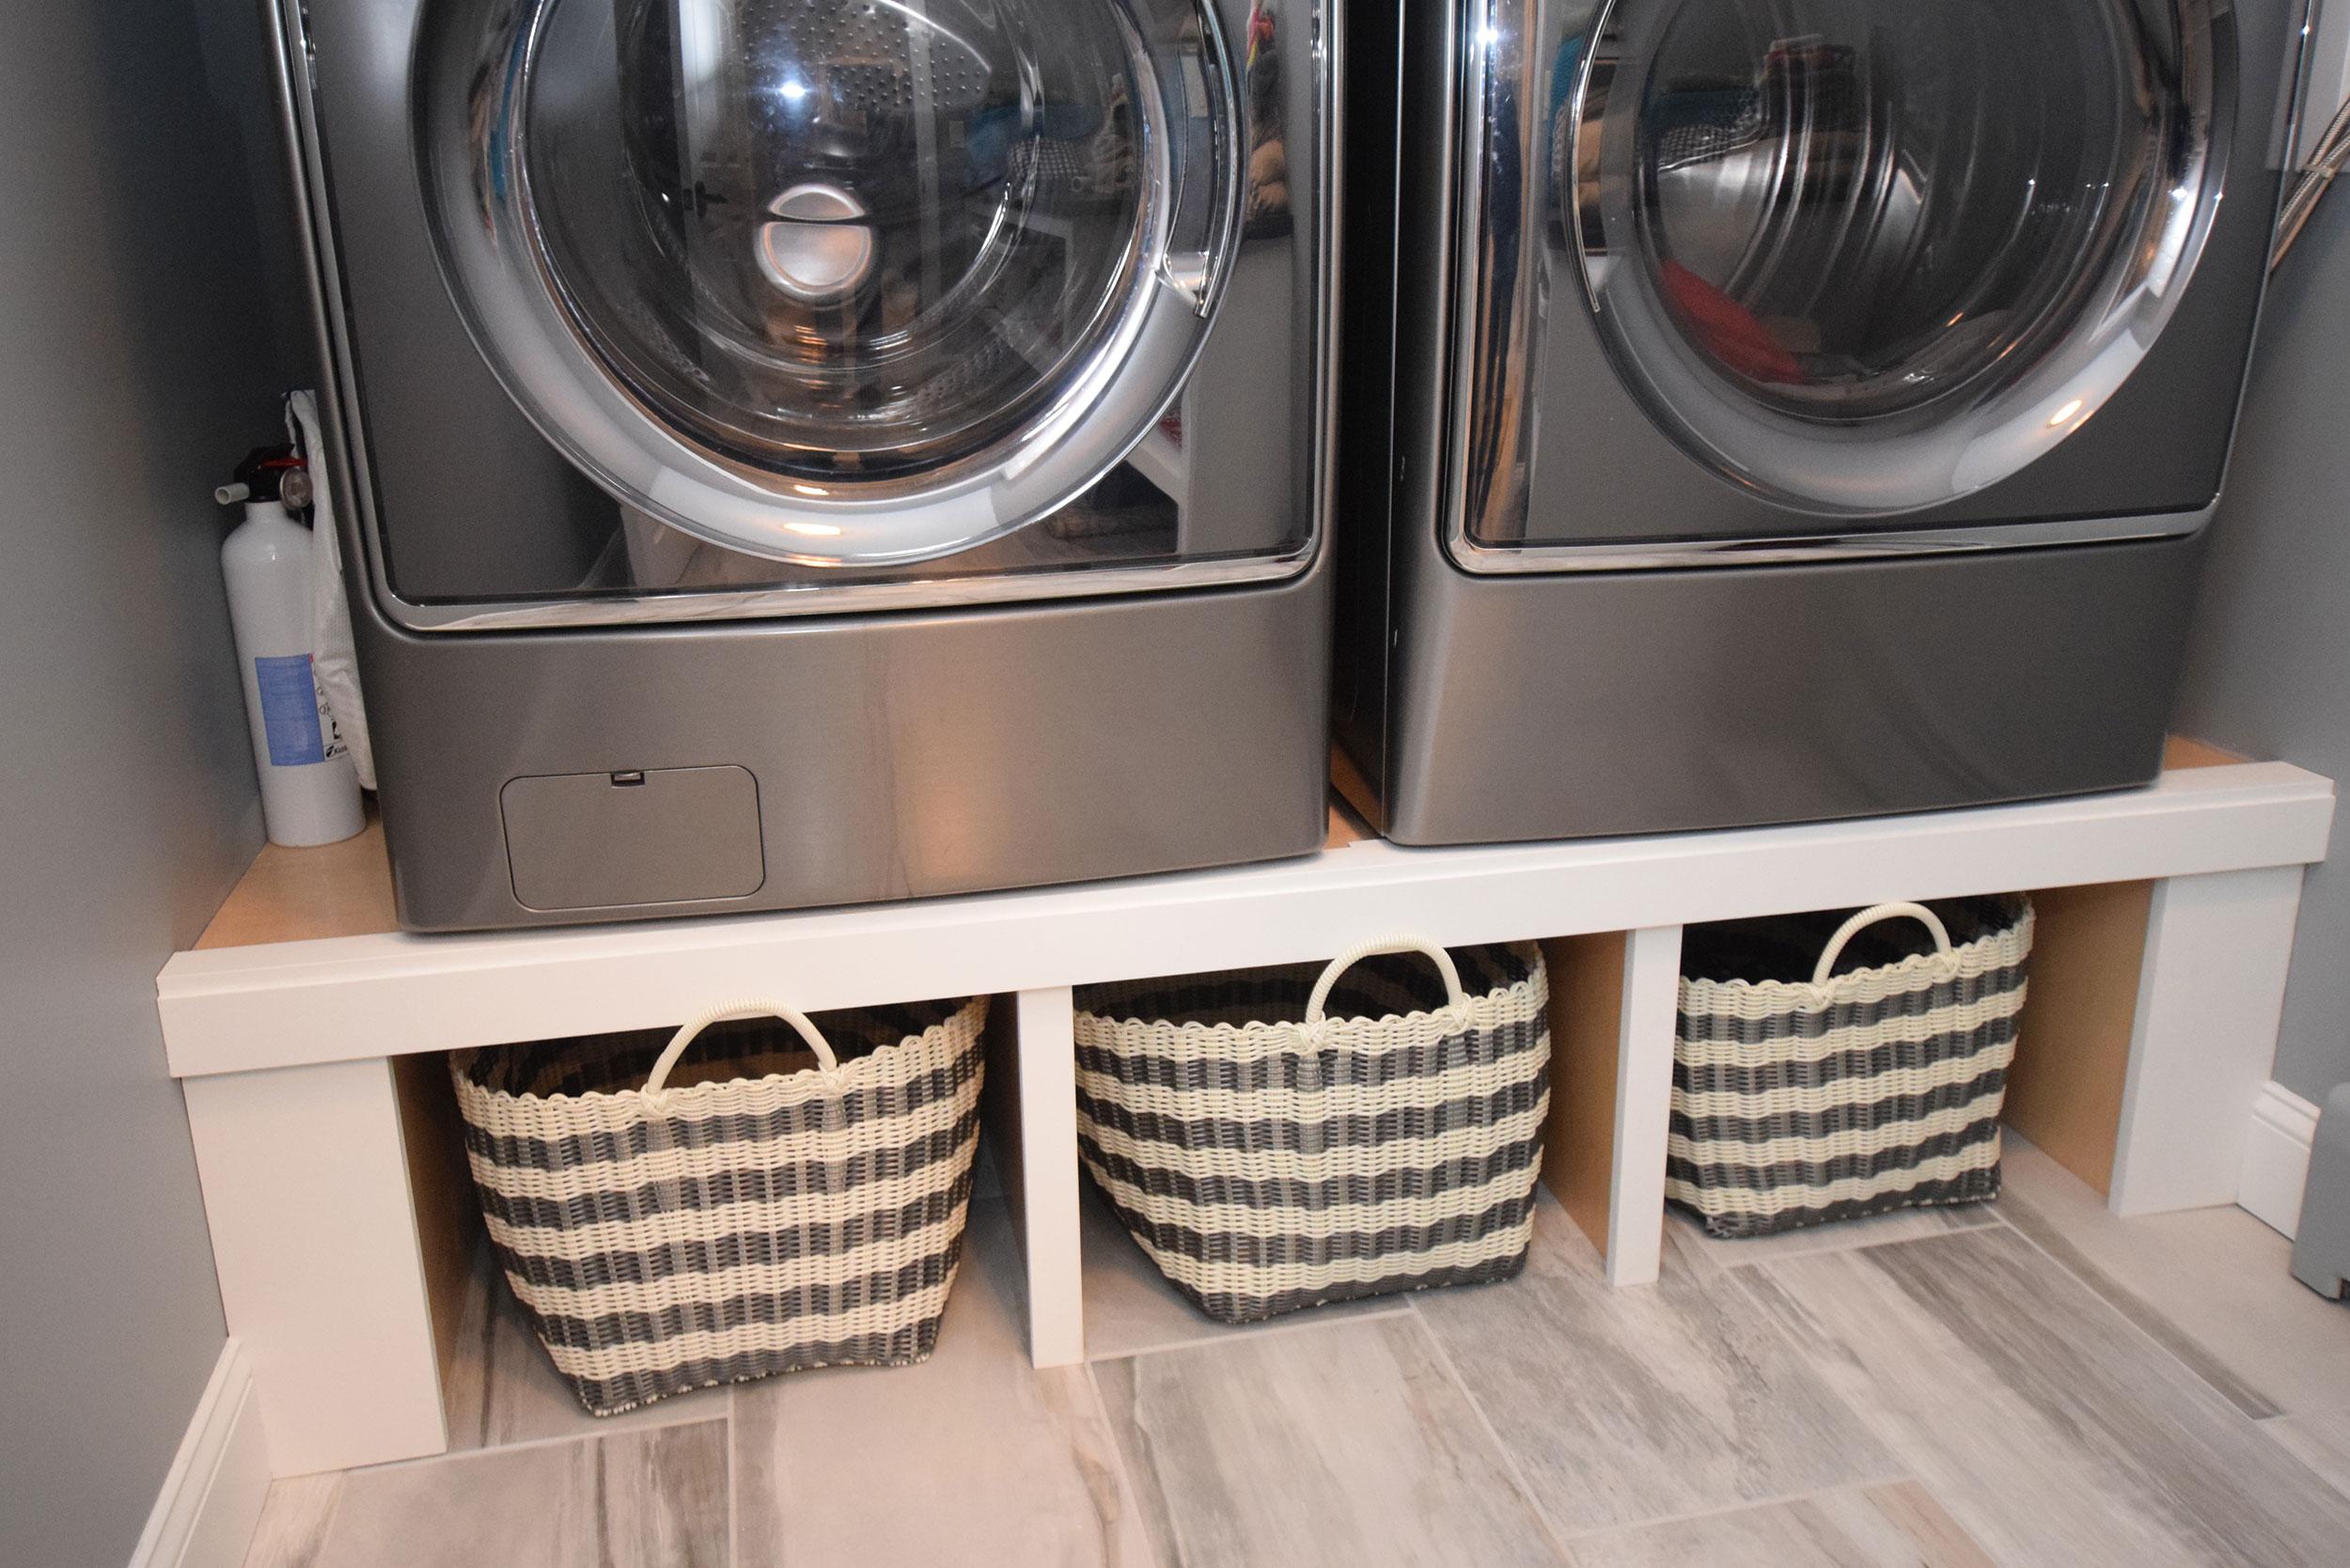 White-Laundry-Room-3.jpg